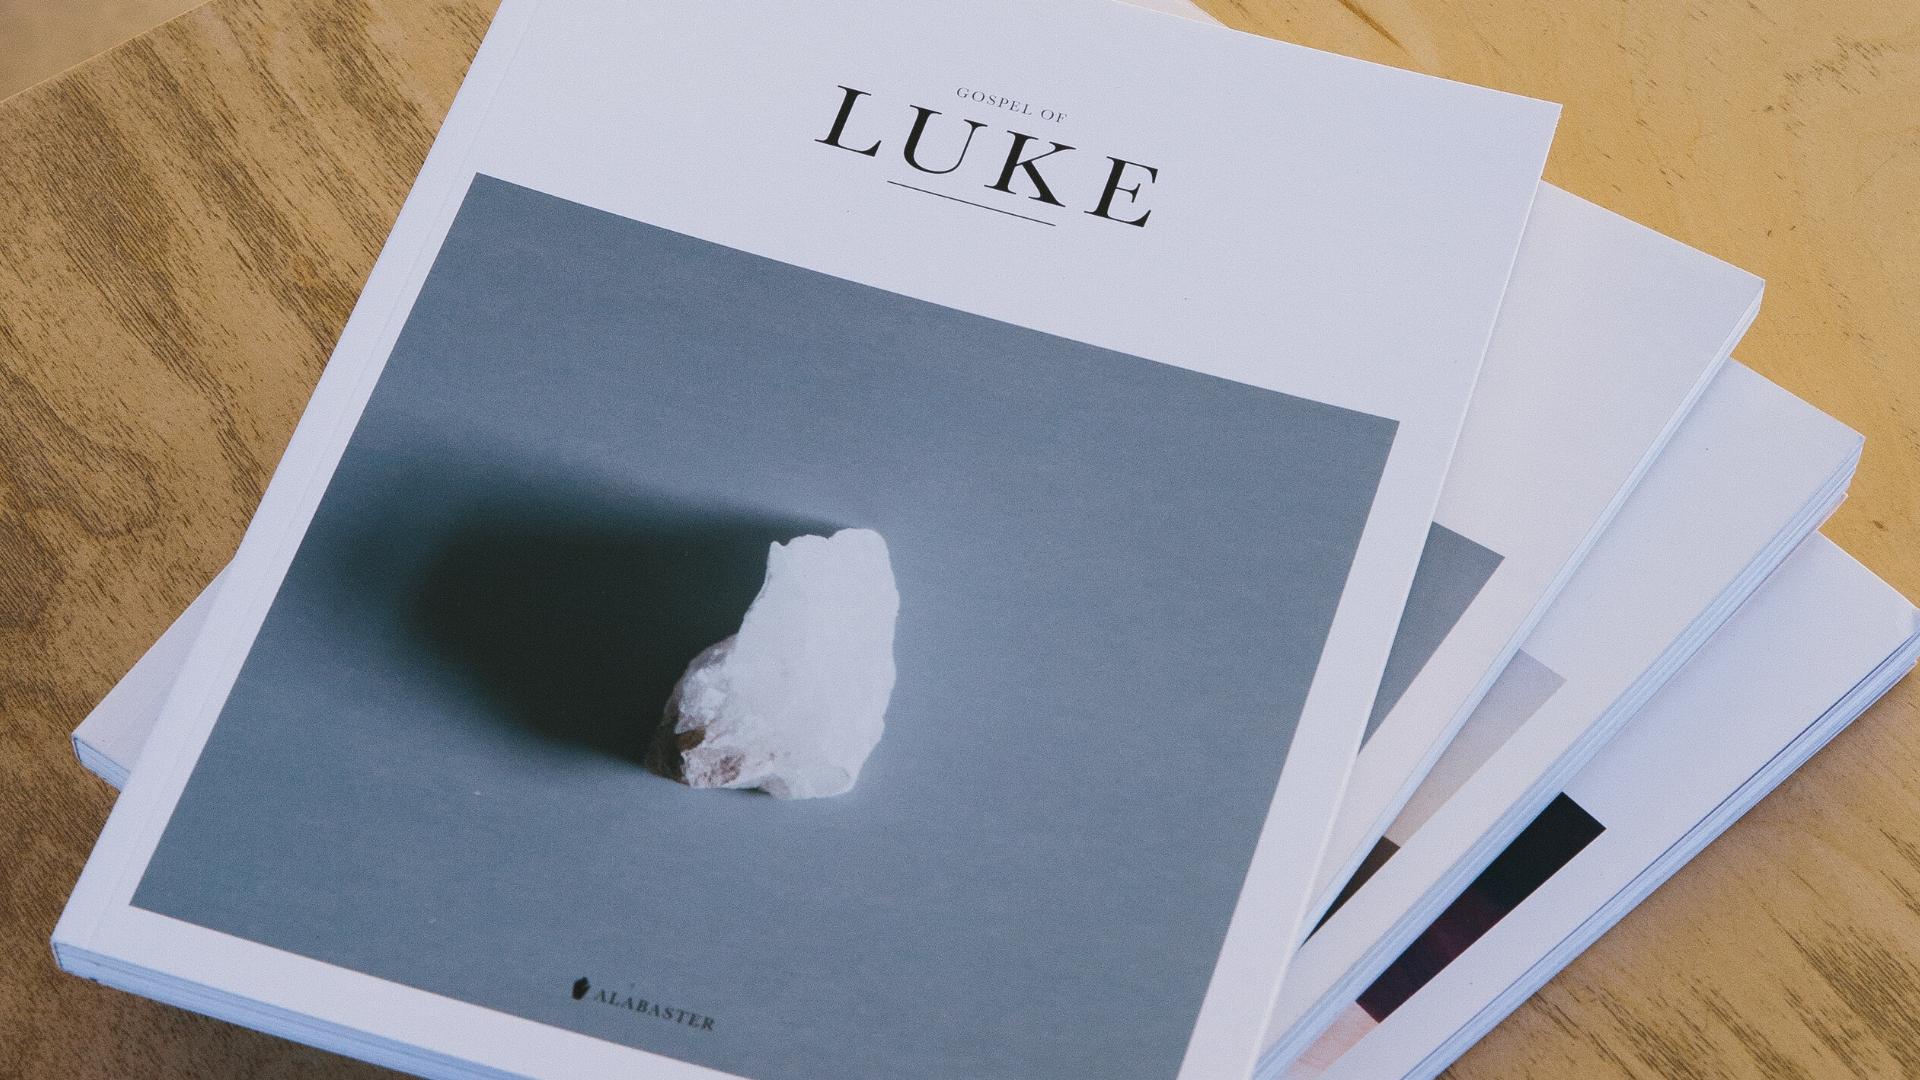 Bible Study on Luke 1:57-2:52